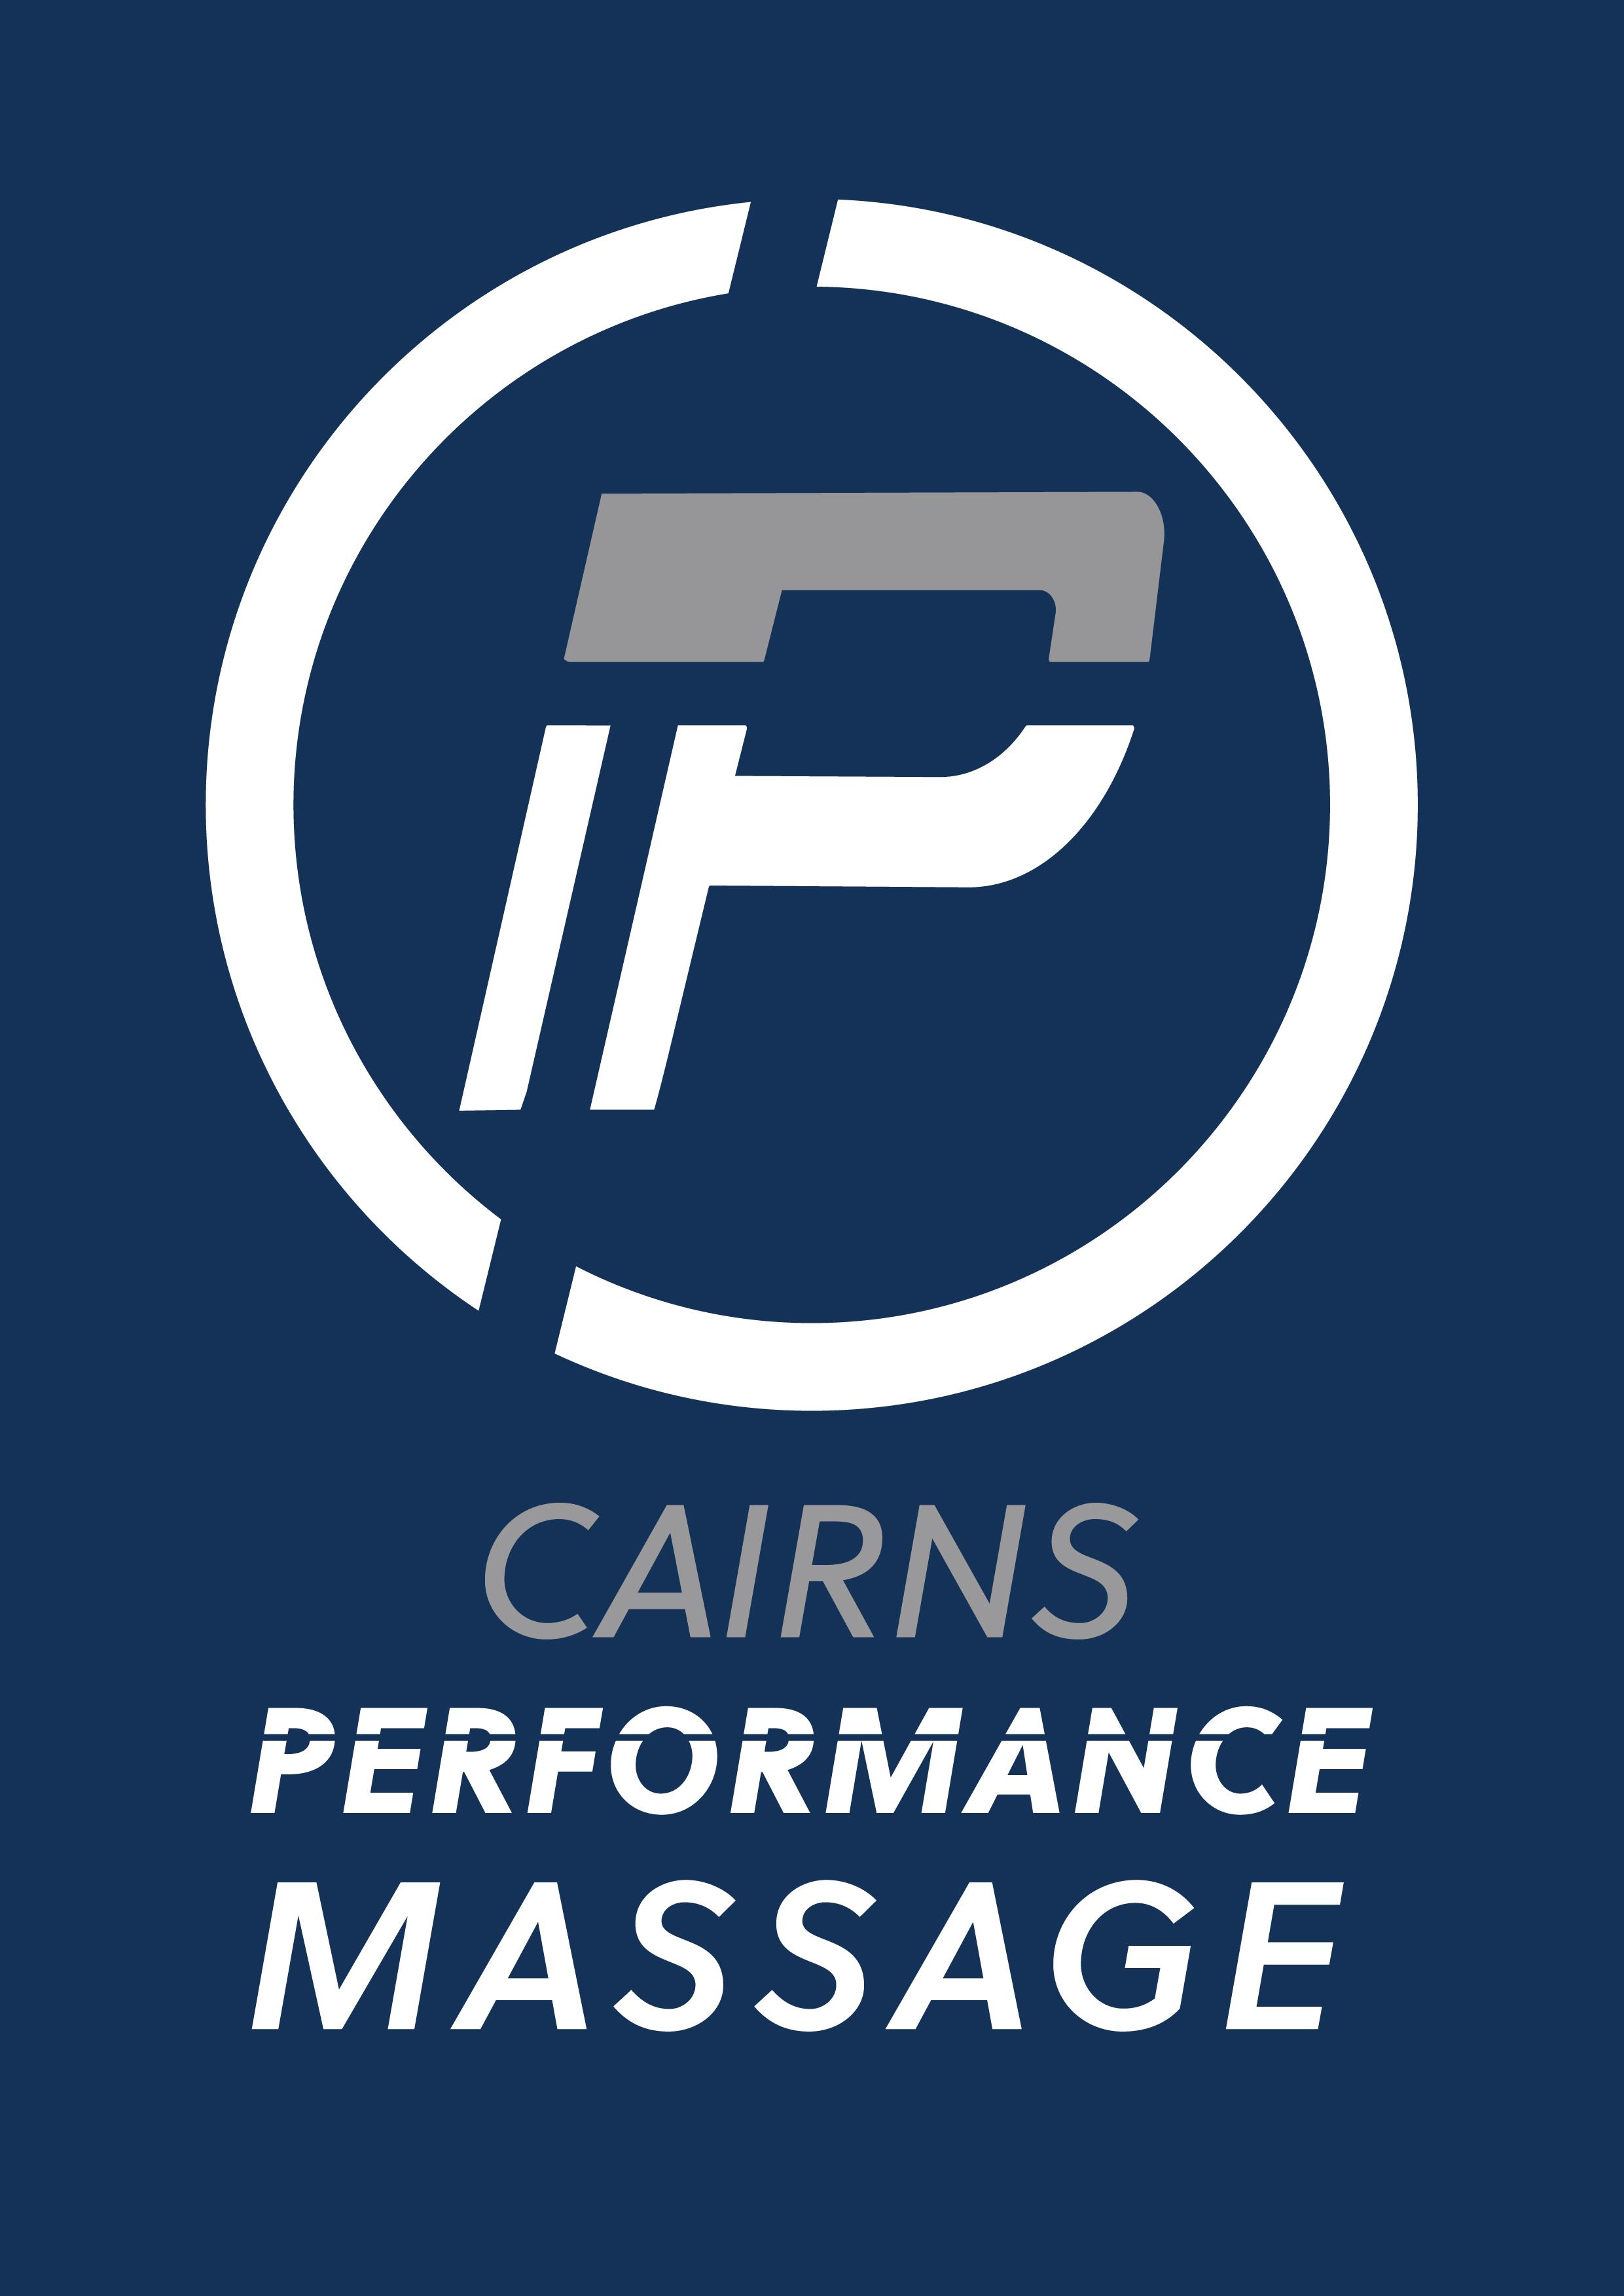 cairns-performance-massage